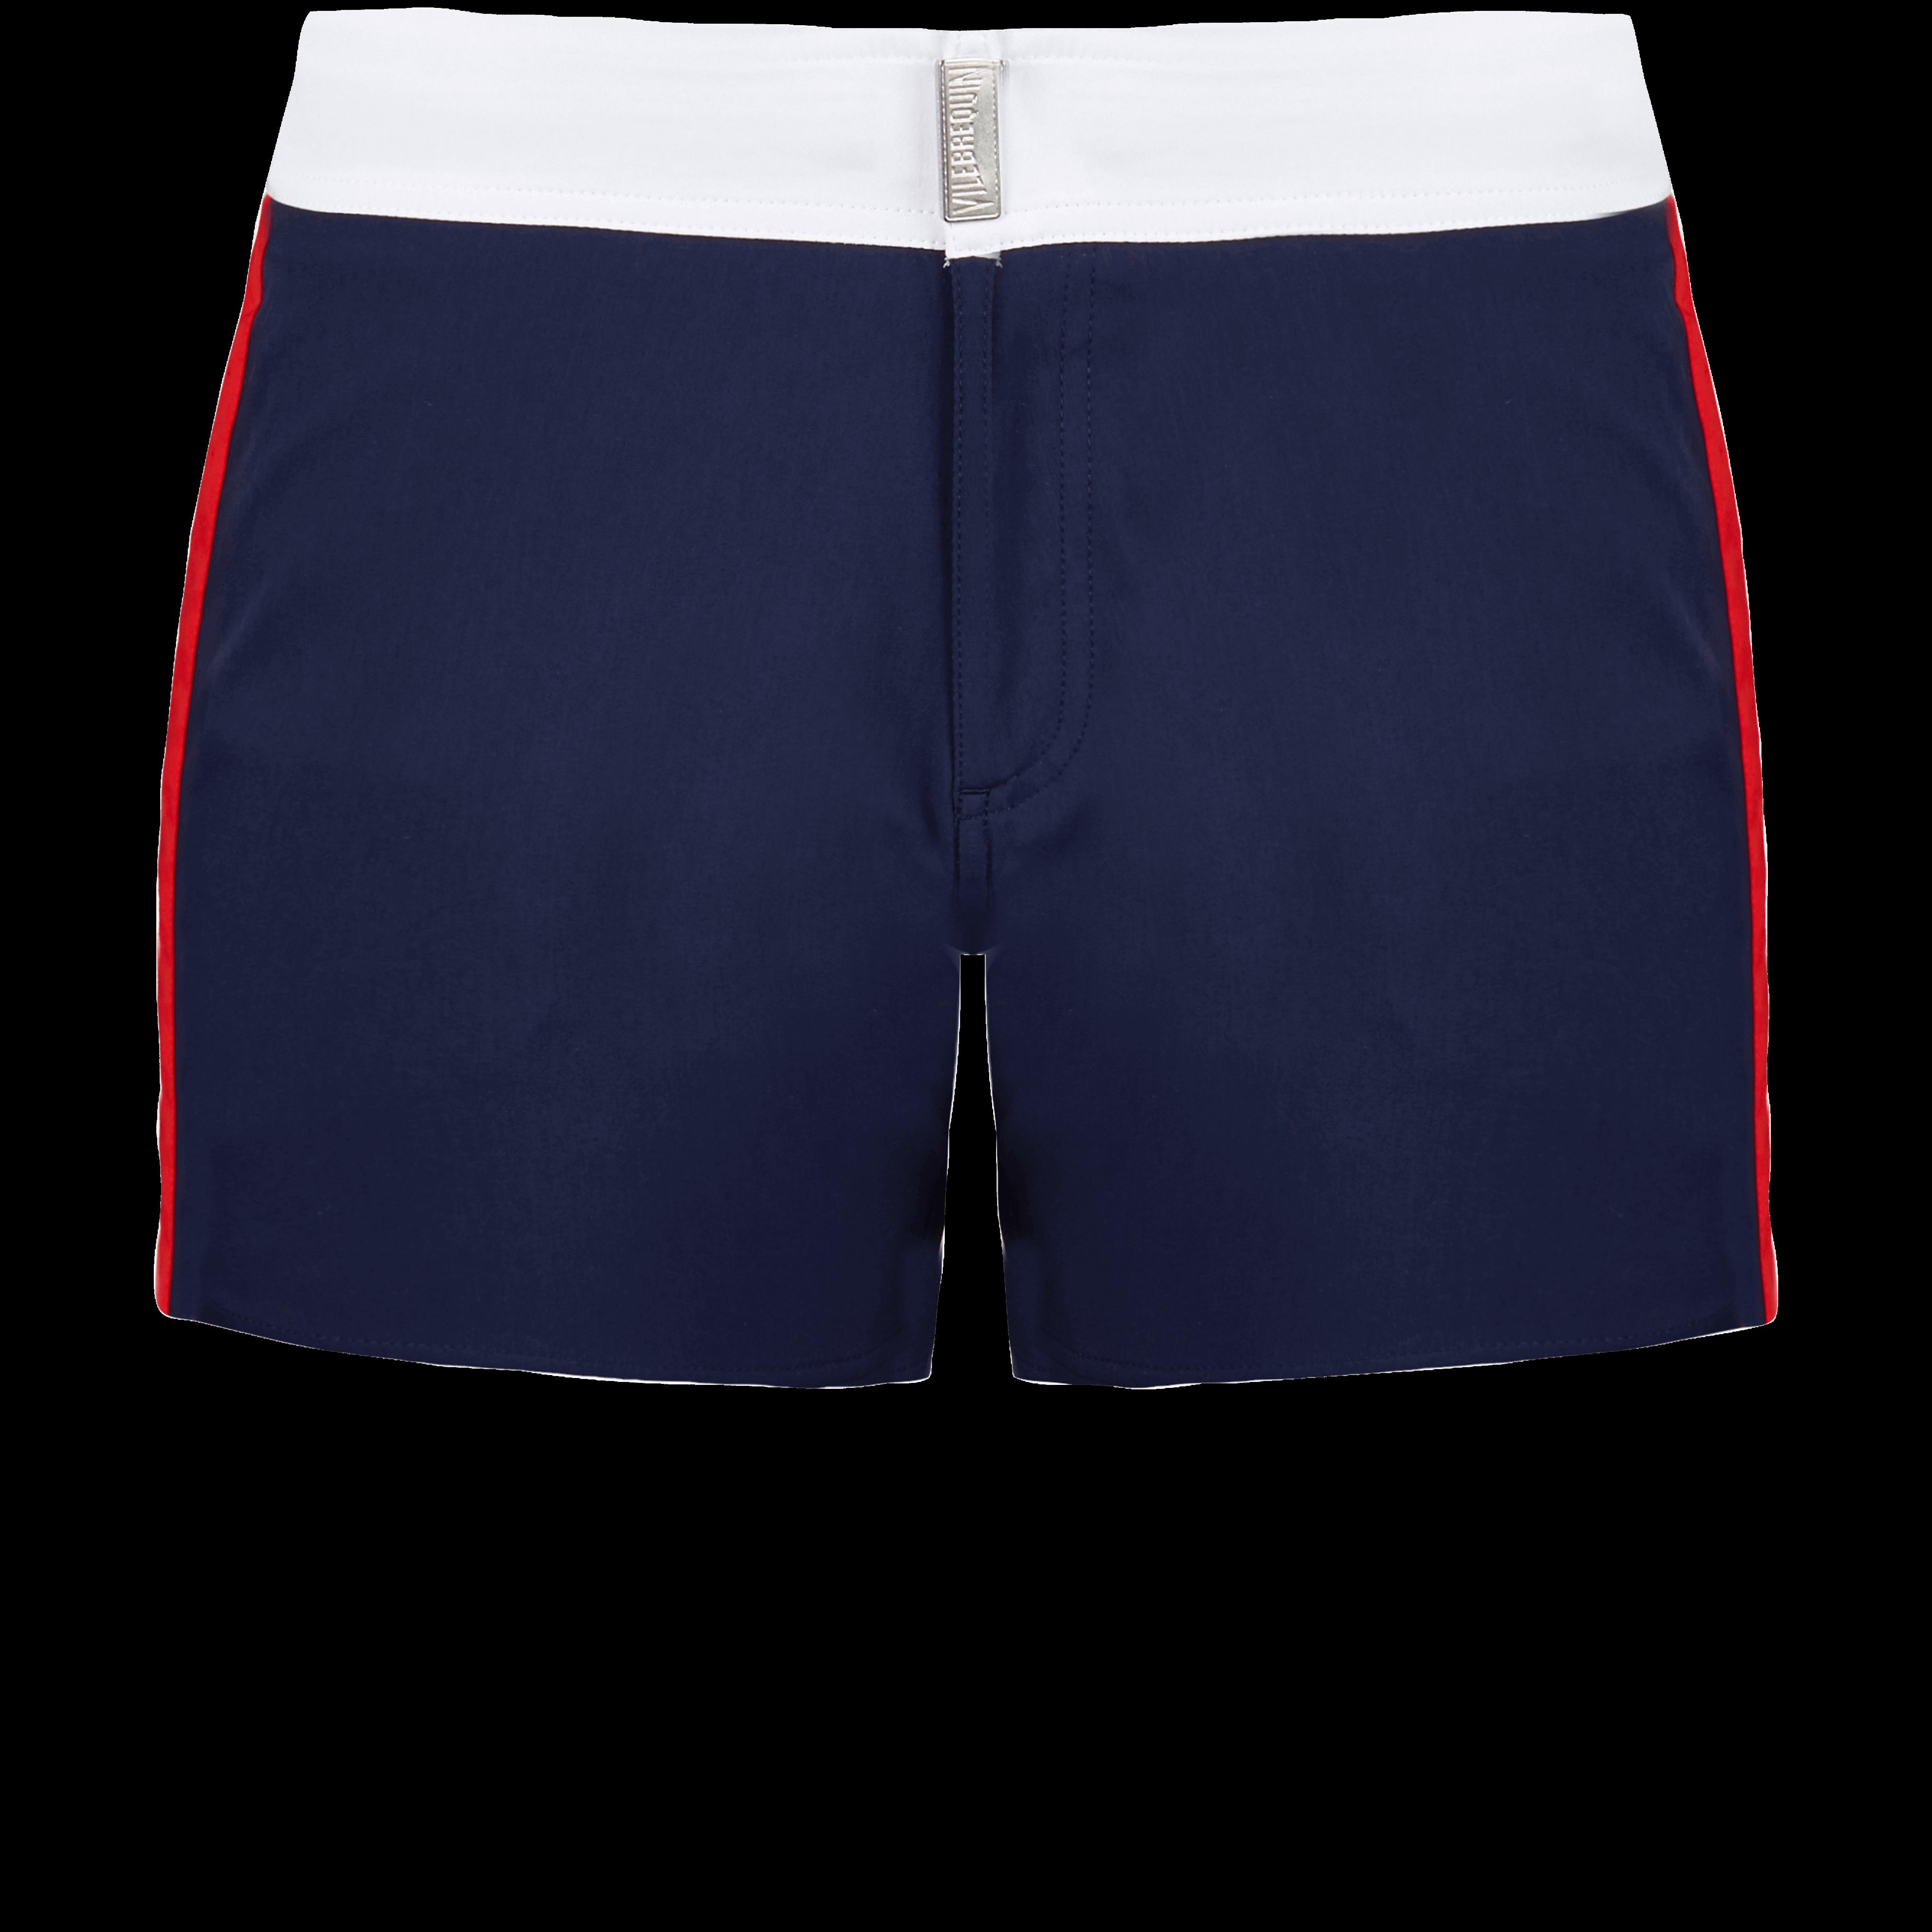 Men Swimwear - Men Flat Belt Stretch Swimwear Tricolor - Swimming Trunk - Merle in Navy